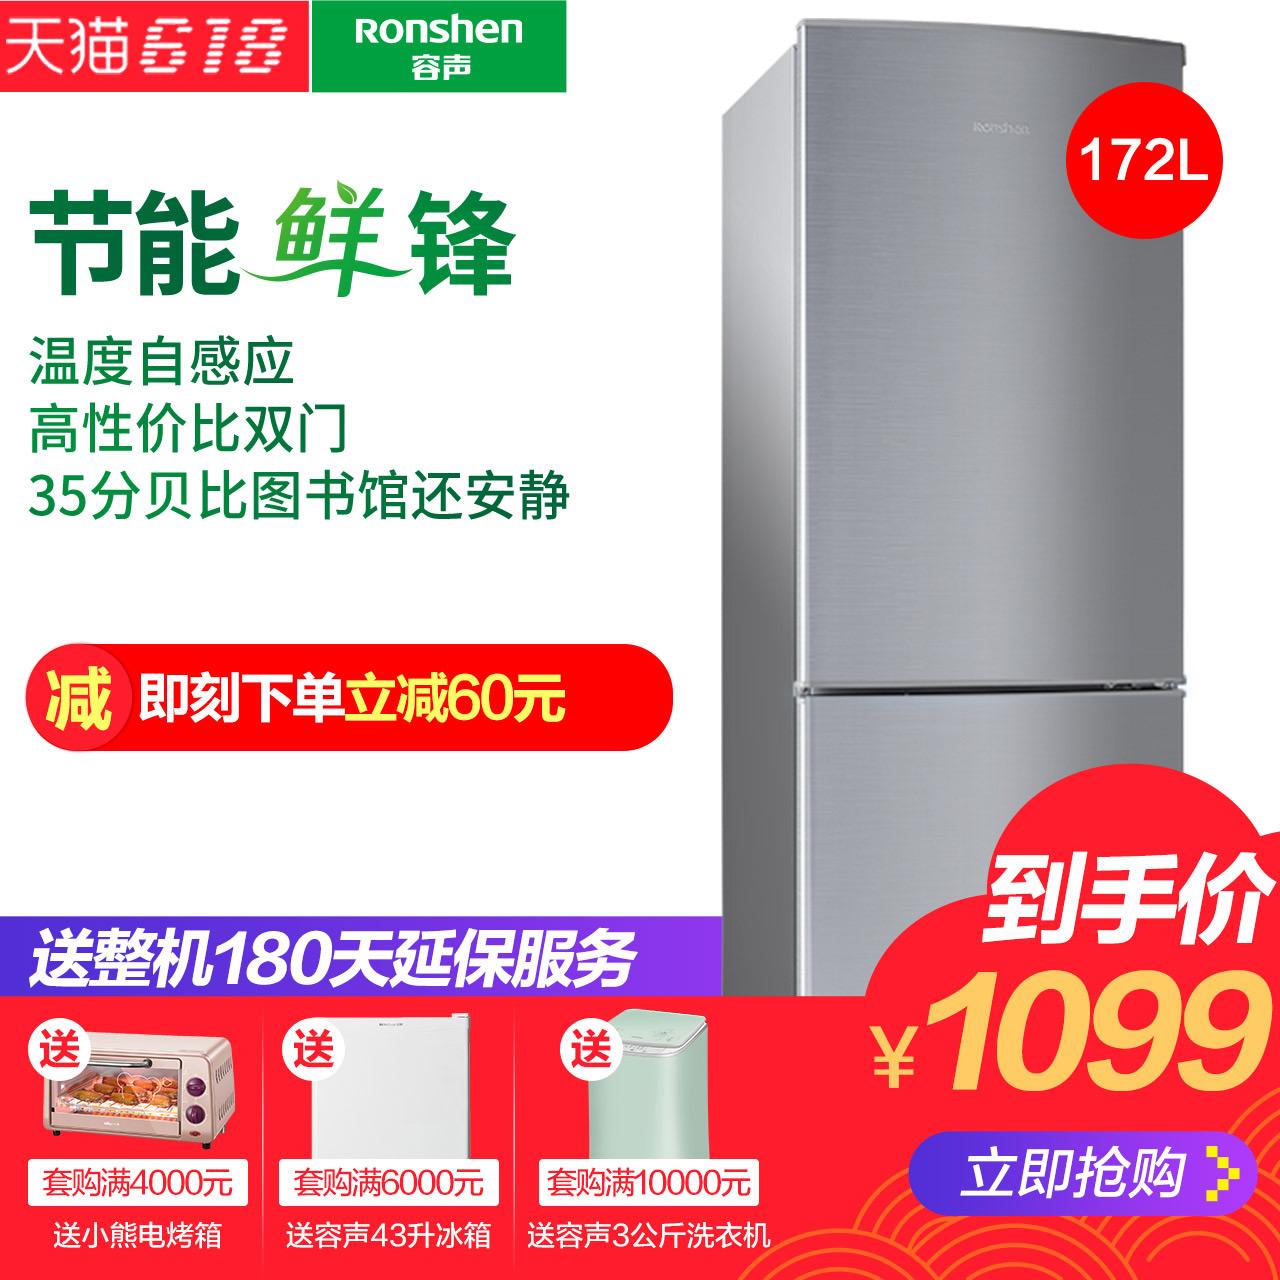 有用过容声 BCD-172D11D冰箱的吗,怎么样